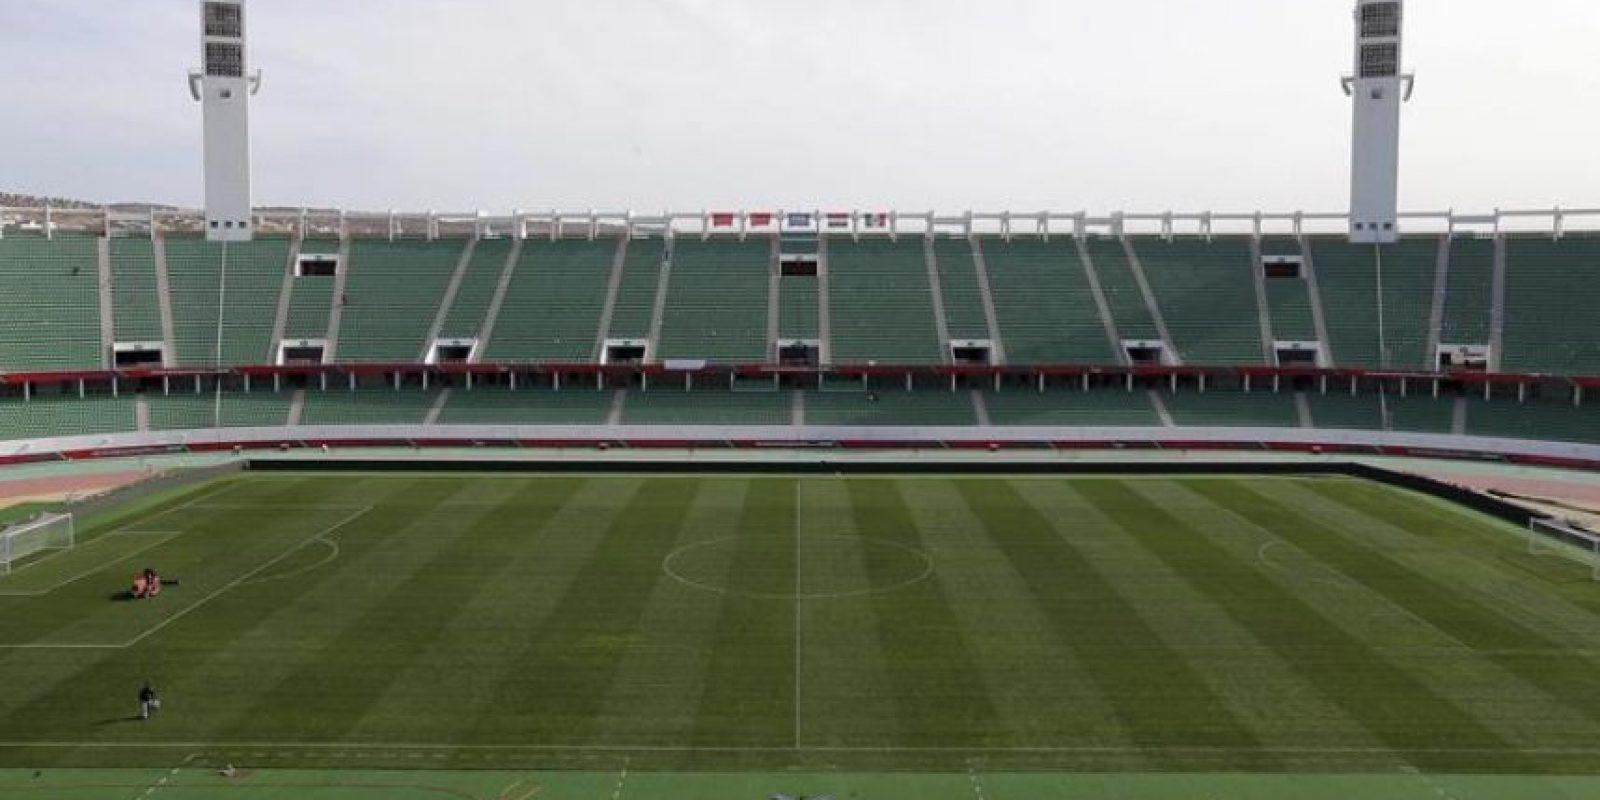 Fotografía de archivo fechada el pasado 15 de diciembre de 2013 que muestra el estadio de Agadir, en Marruecos. La Confederación Africana de Fútbol (CAF) ha confirmado que Marruecos no acogerá la Copa de África de Naciones (CAN) de 2015. EFE